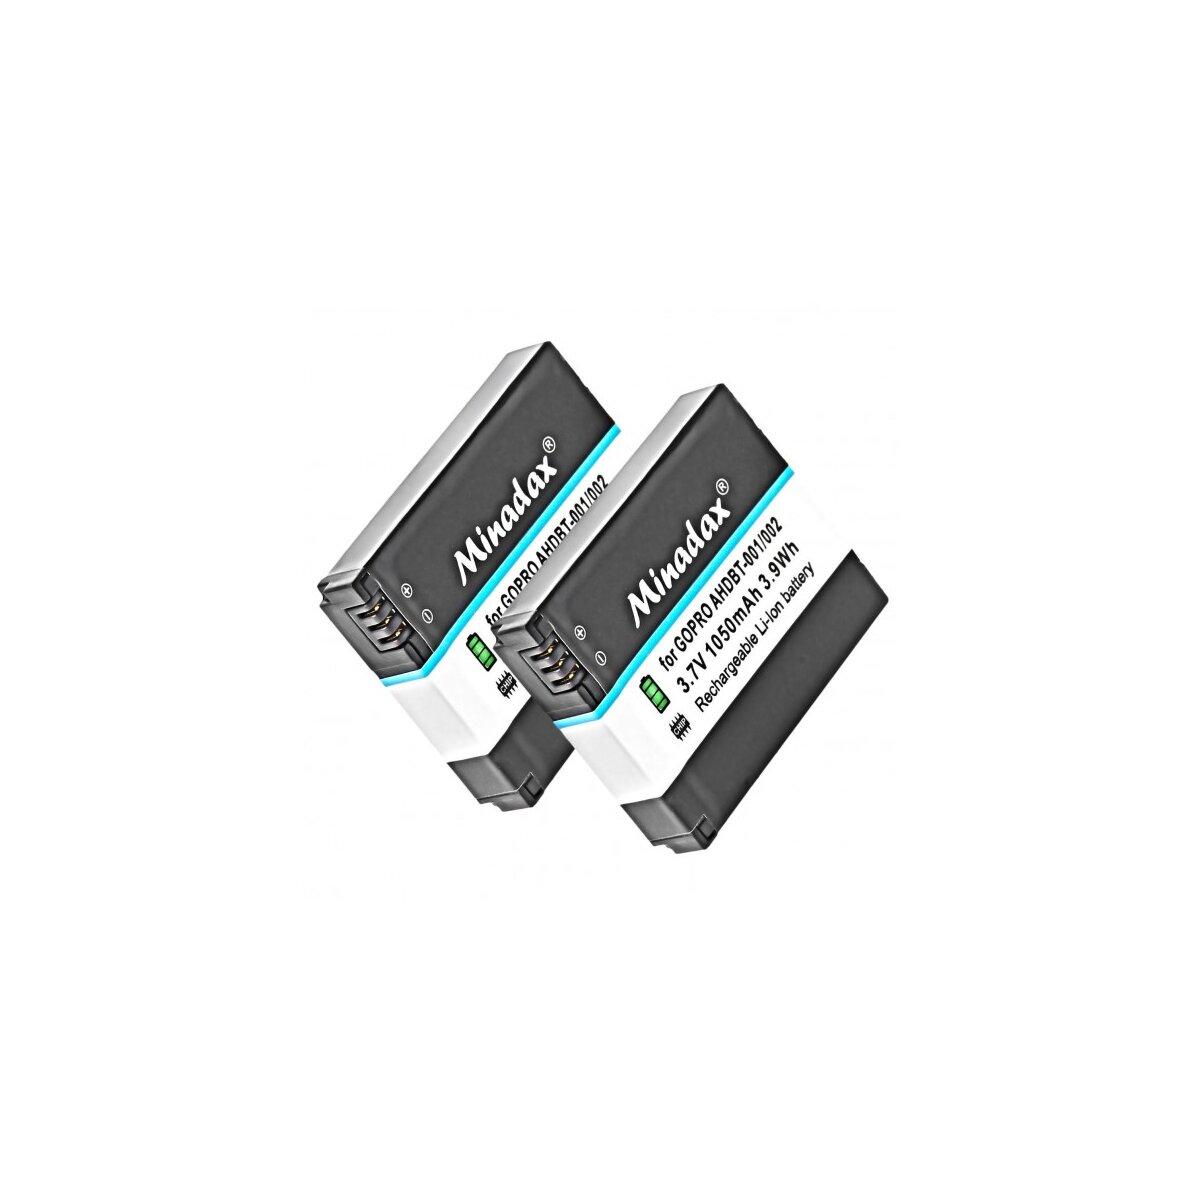 Minadax Qualitätsakku mit echten 1400 mAh kompatibel für Sony Cybershot DSC-F707, DSC-F717, DSC-F828, DSC-S30, DSC-S50, DSC-S70, DSC-S75, DSC-S85, DSLR-A100, MVC-CD200 - Ersatz für NP-FM50